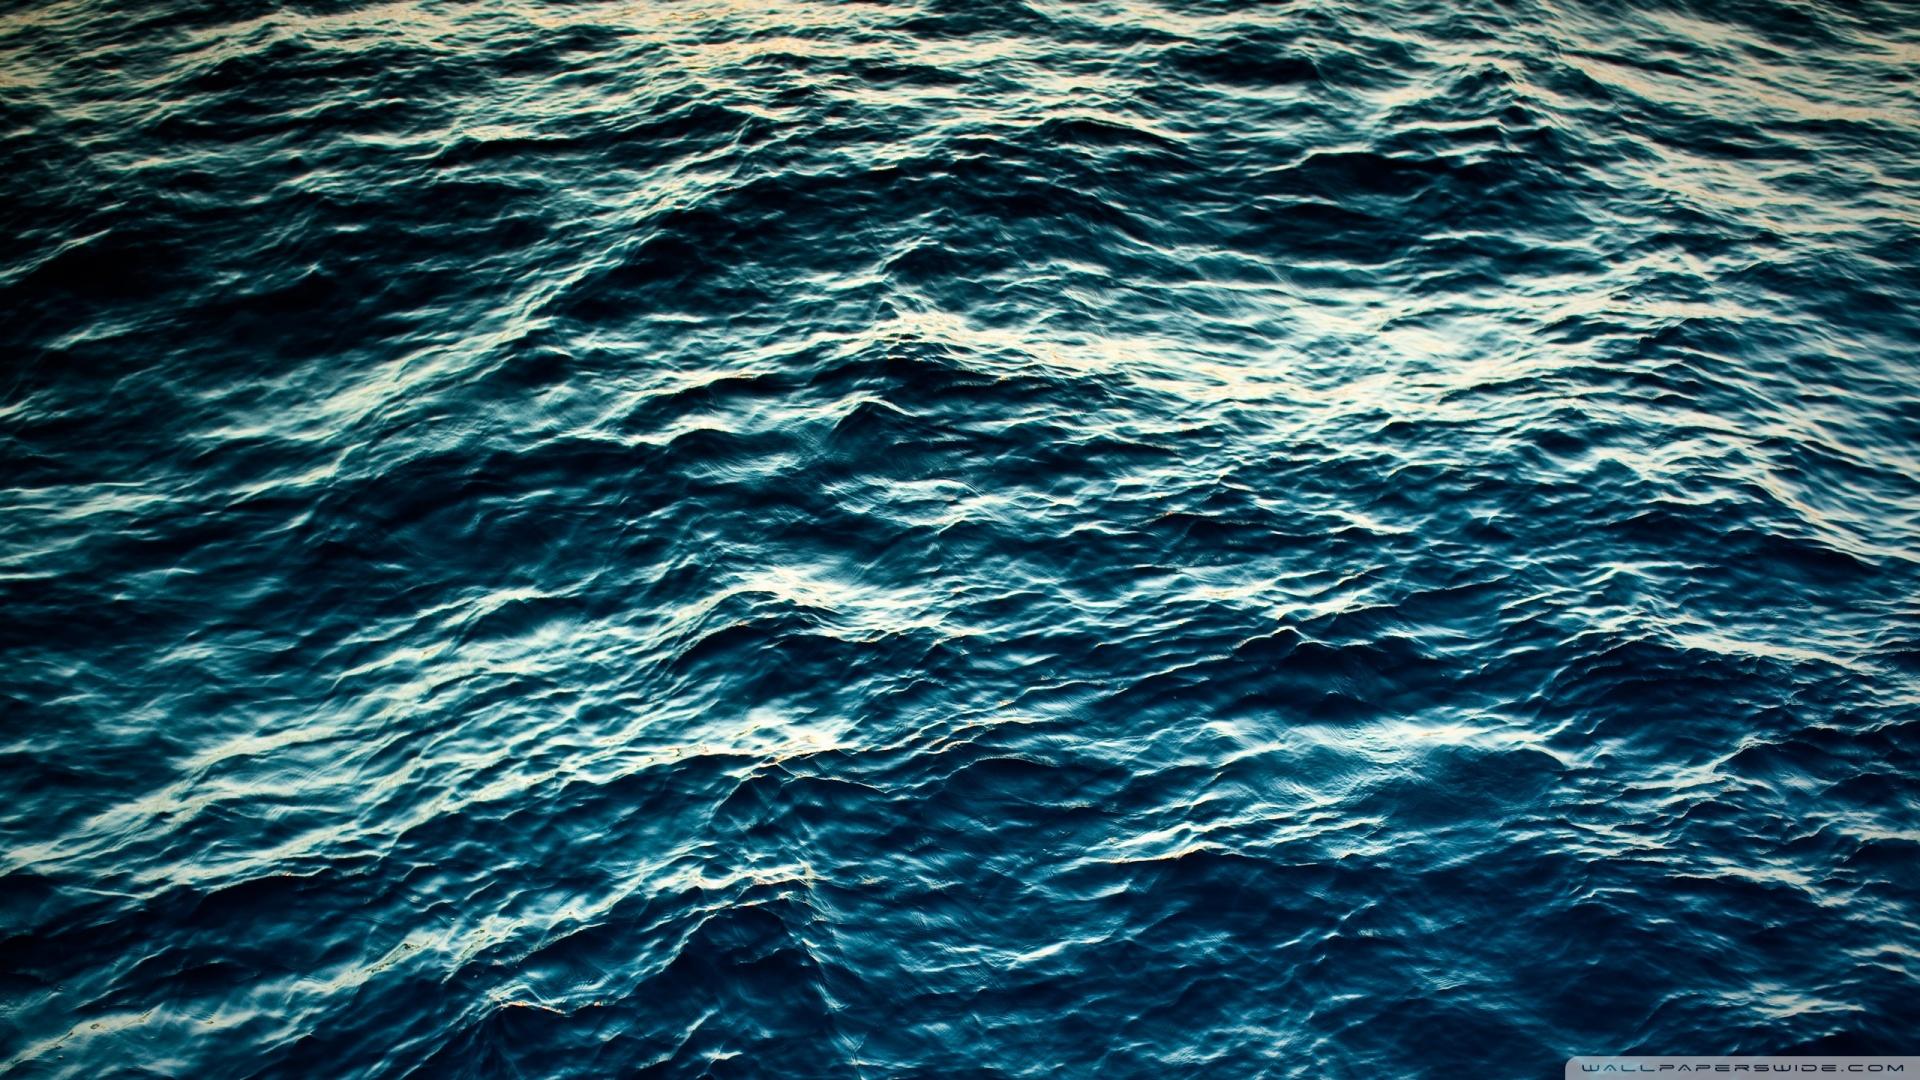 Ocean Surface Wallpaper 1920x1080 Ocean Surface 1920x1080